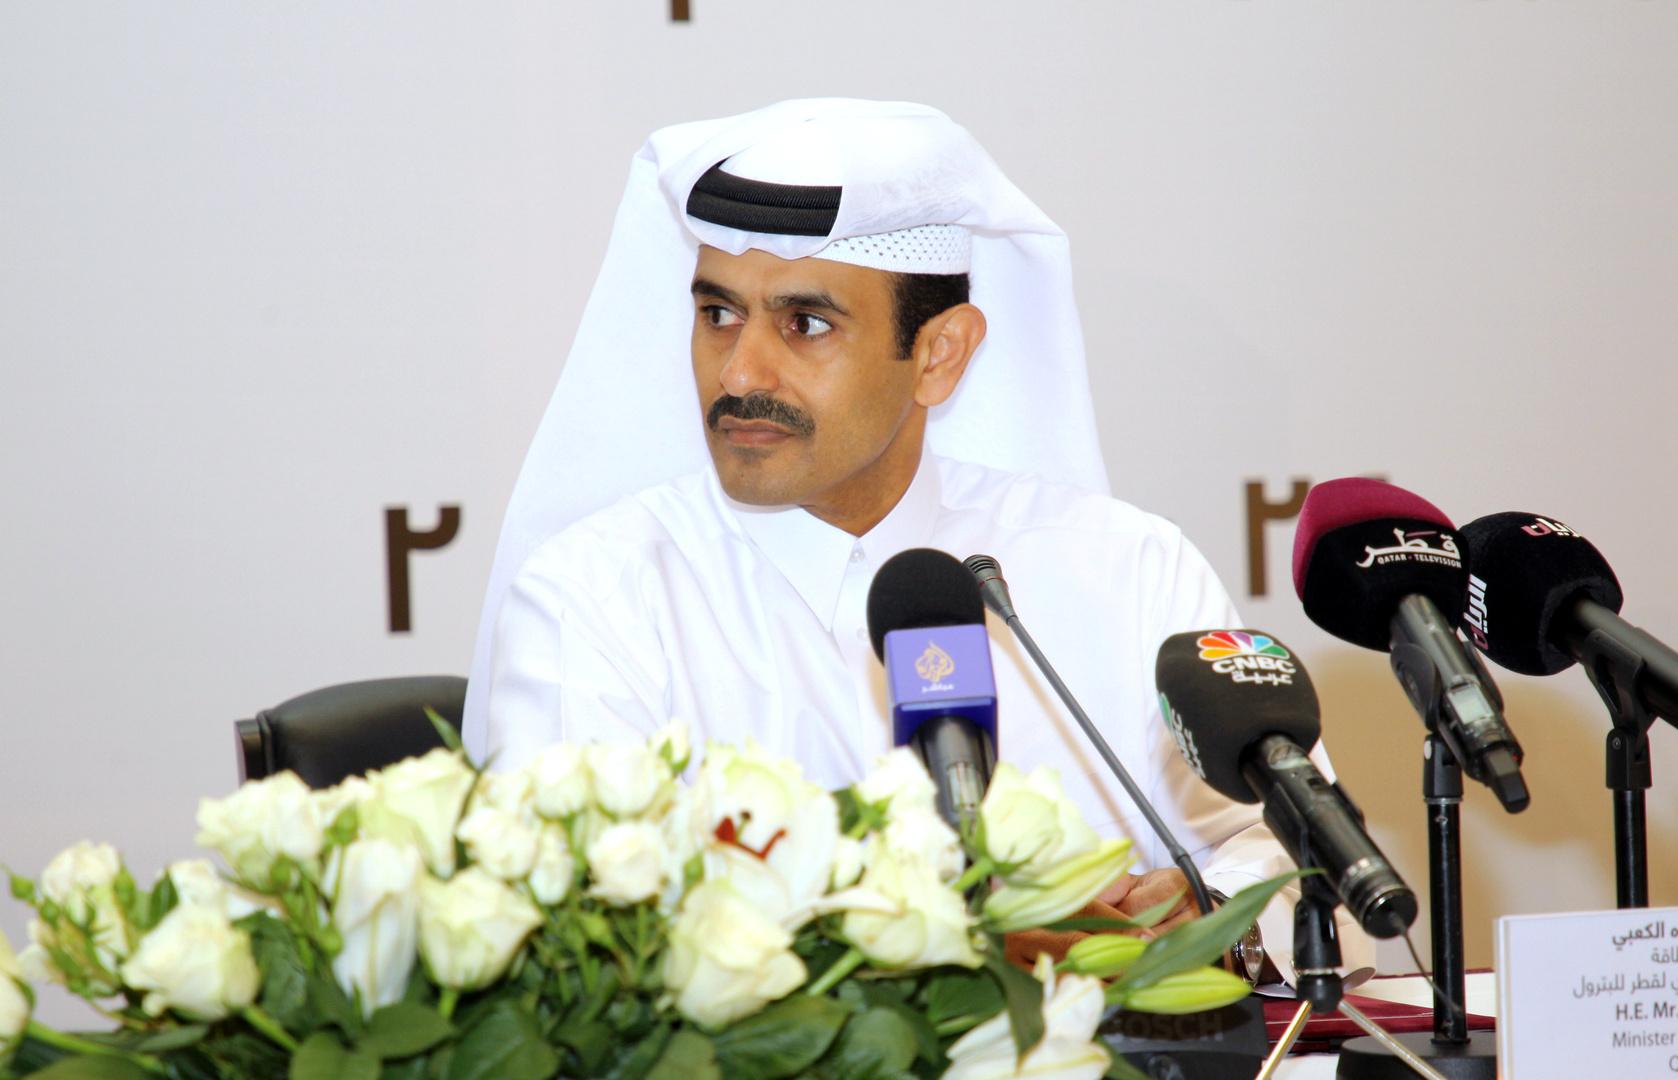 وزير الدولة القطري لشؤون الطاقة سعد بن شريدة الكعبي